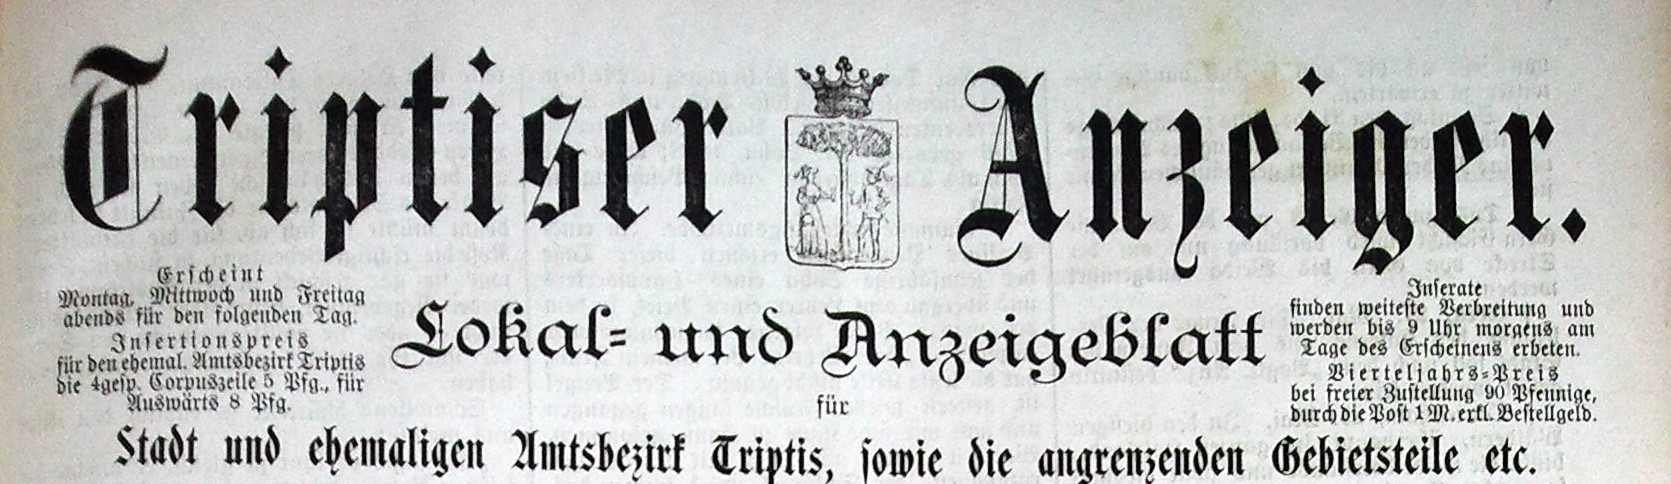 Triptiser Anzeiger